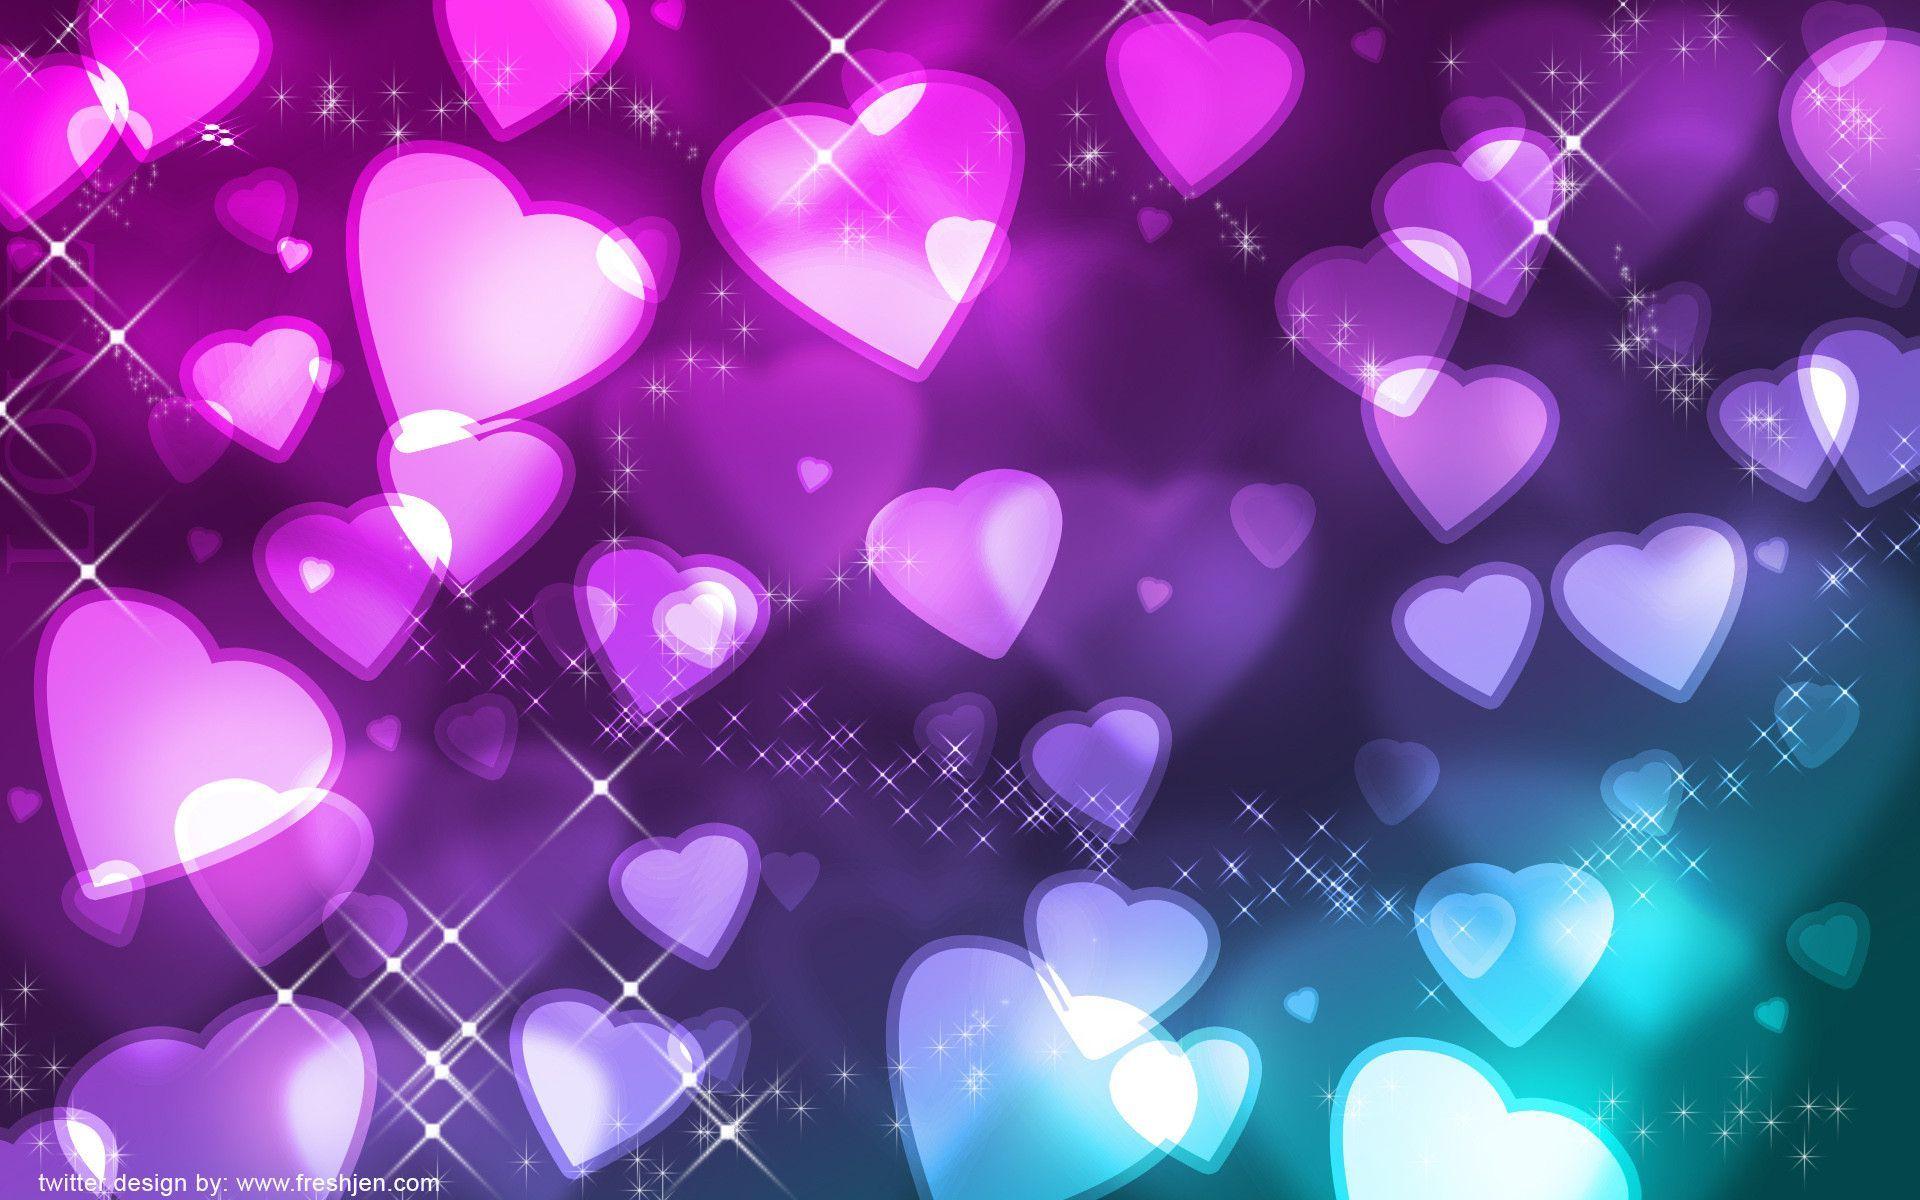 Love Heart Wallpapers Hd Wallpaper 1920 1200 Hearts